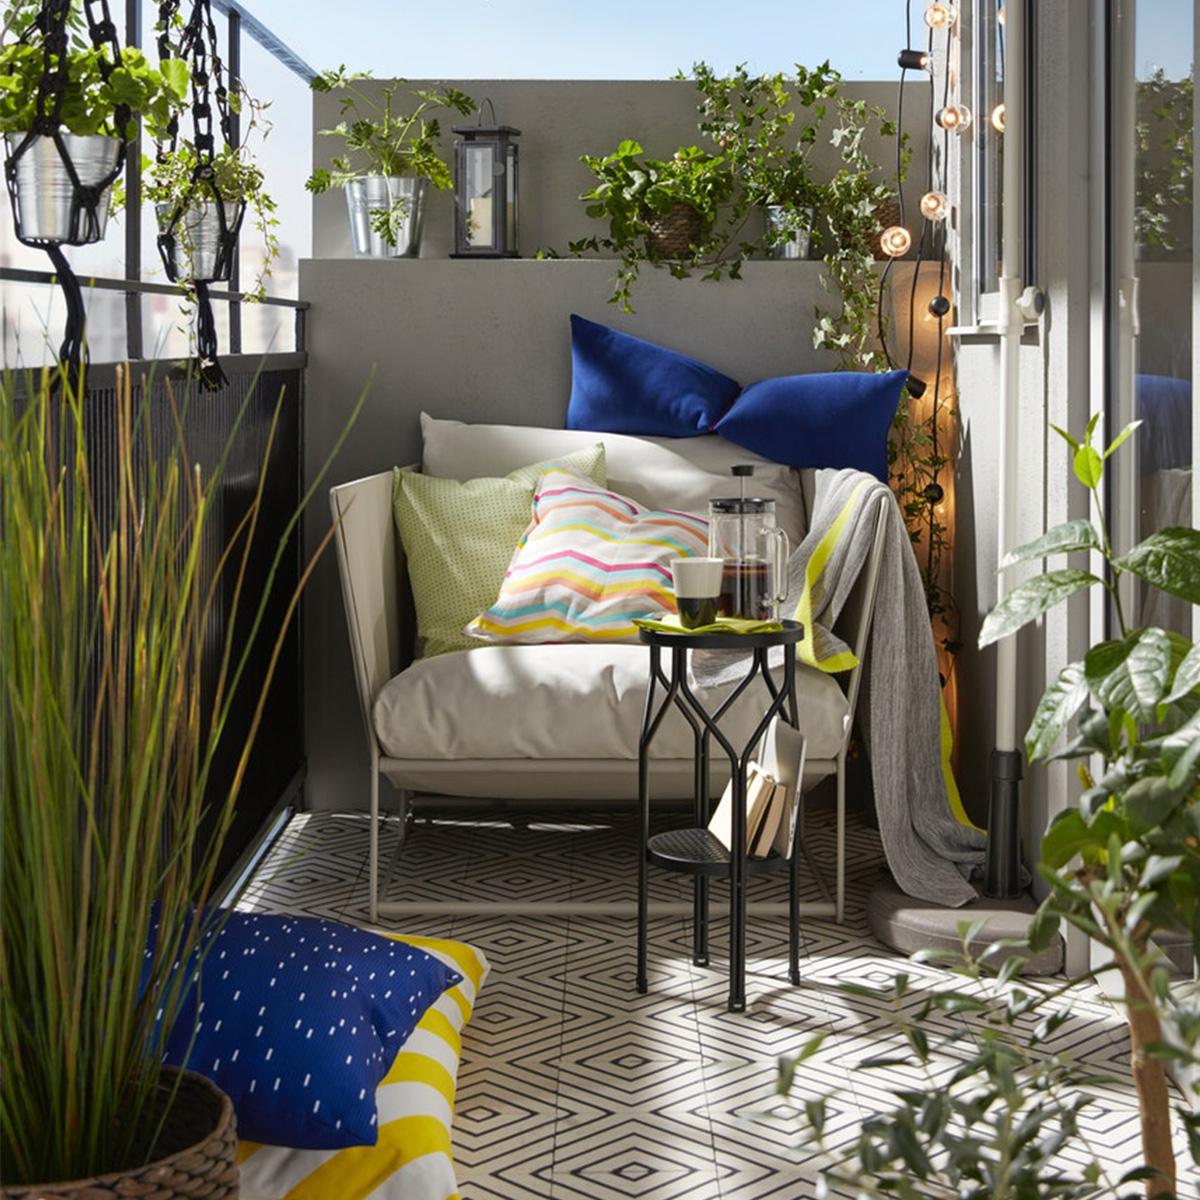 Petit Salon De Jardin Pour Balcon Luxe Idées Pour L ... avec Banc De Jardin Ikea